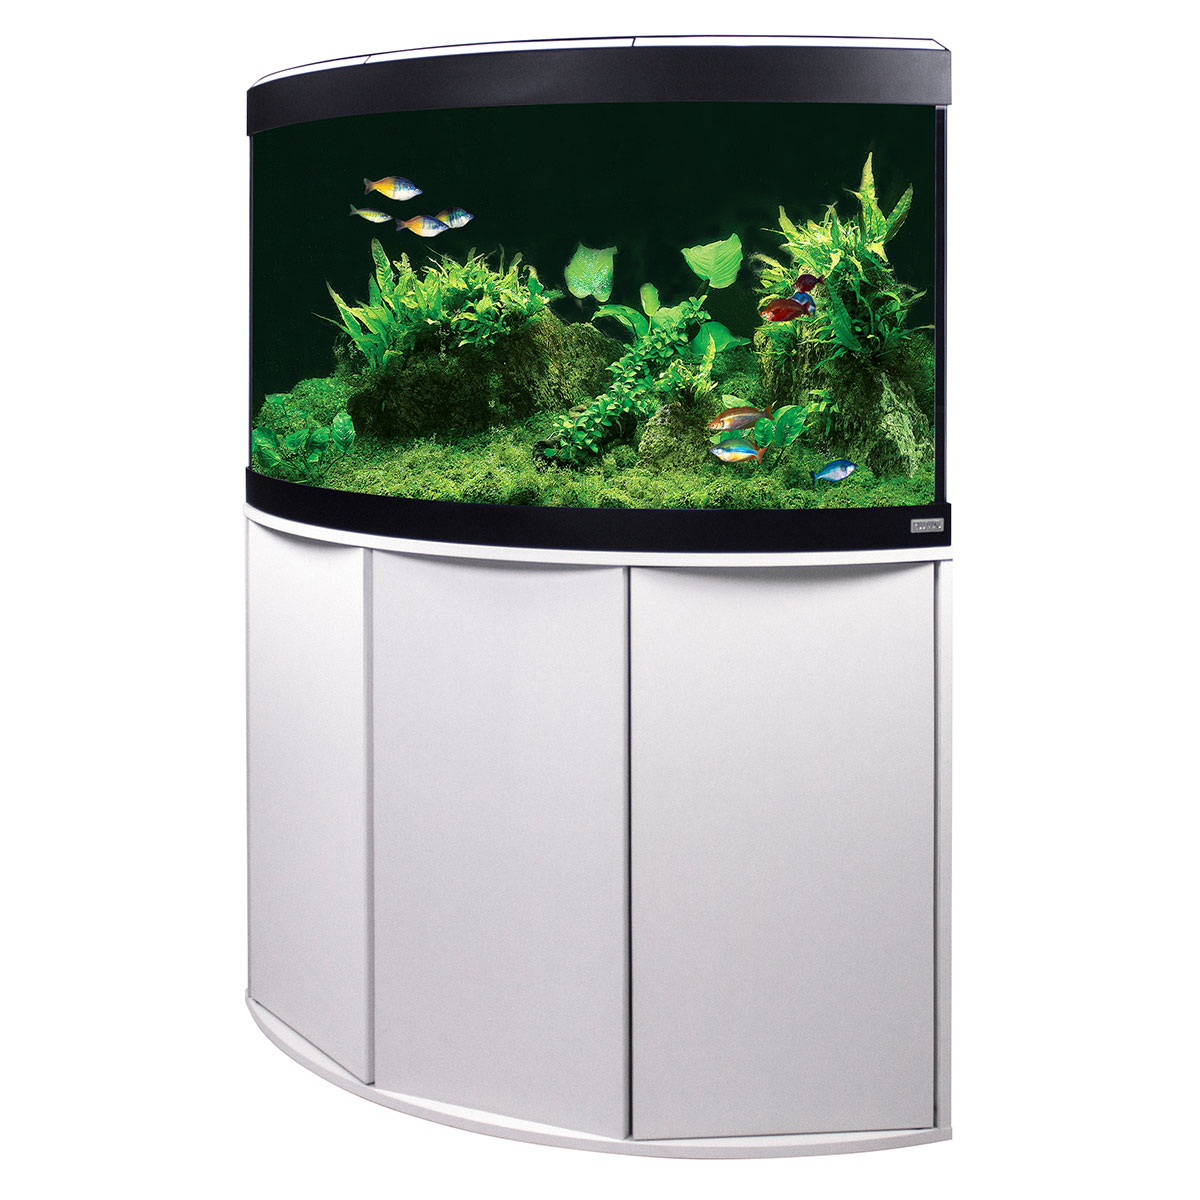 fluval panoramaaquarium mit led beleuchtung venezia 190. Black Bedroom Furniture Sets. Home Design Ideas